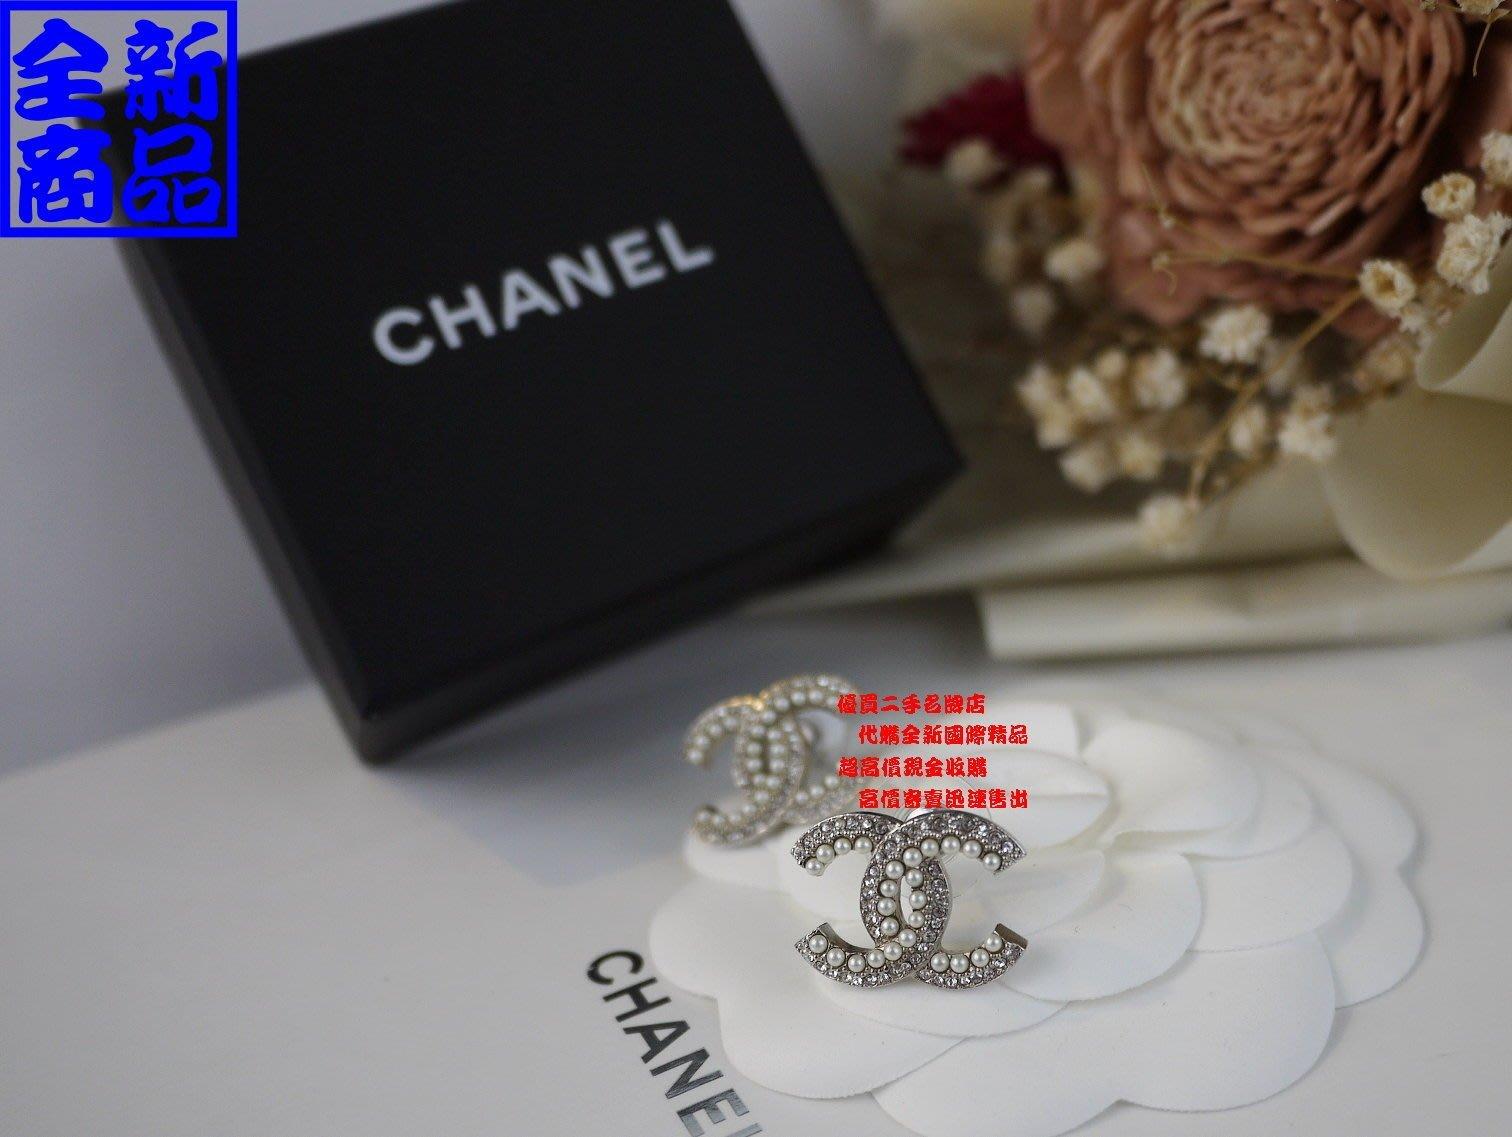 優買二手精品名牌店 CHANEL 缺貨款 銀色 金屬 雙C LOGO 小香 水鑽 珍珠 2X1.5公分 針式 耳環 全新商品